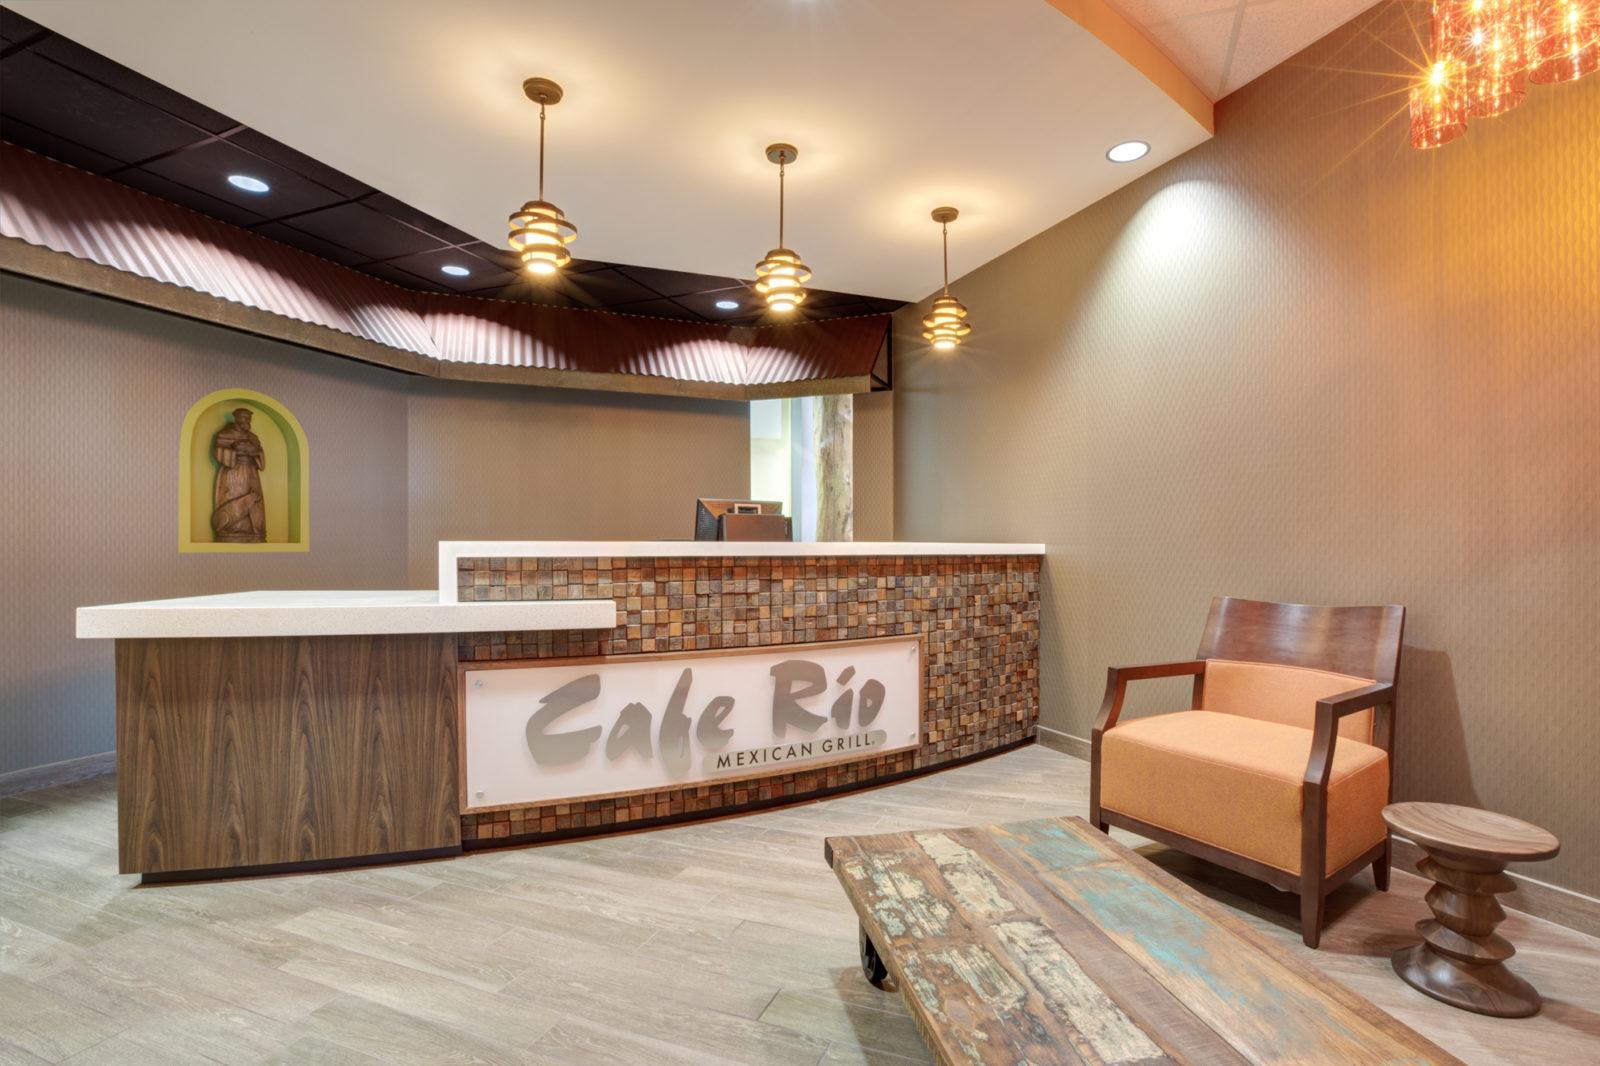 Cafe Rio 12